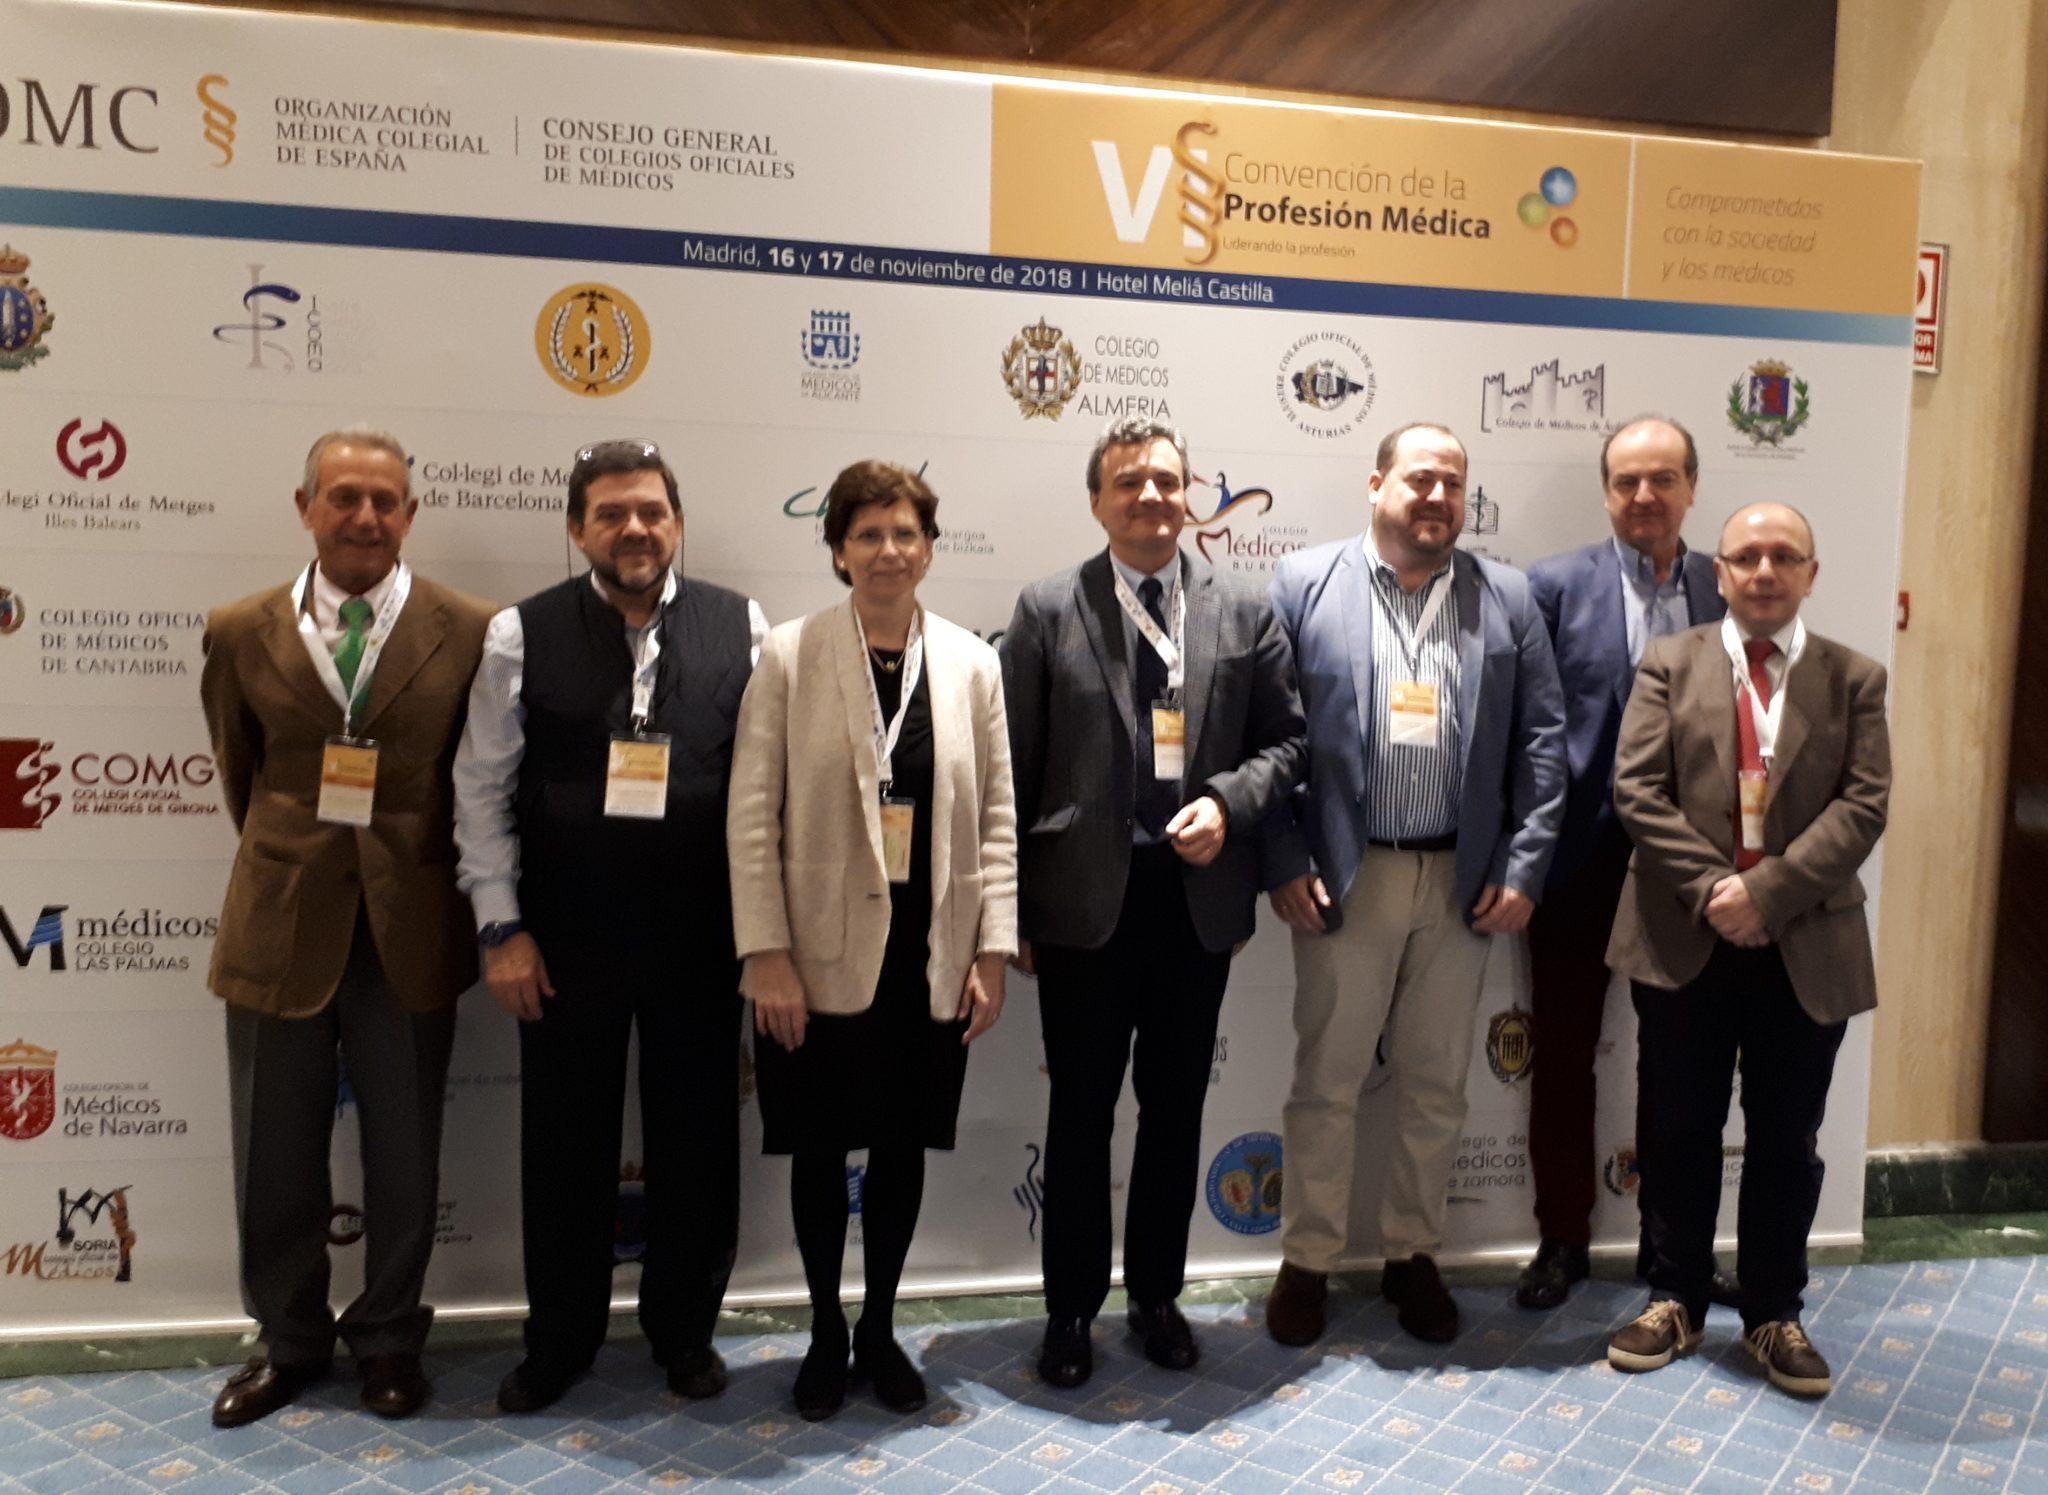 El Colegio de Médicos de Navarra en la VI Convención de la Profesión Médica.